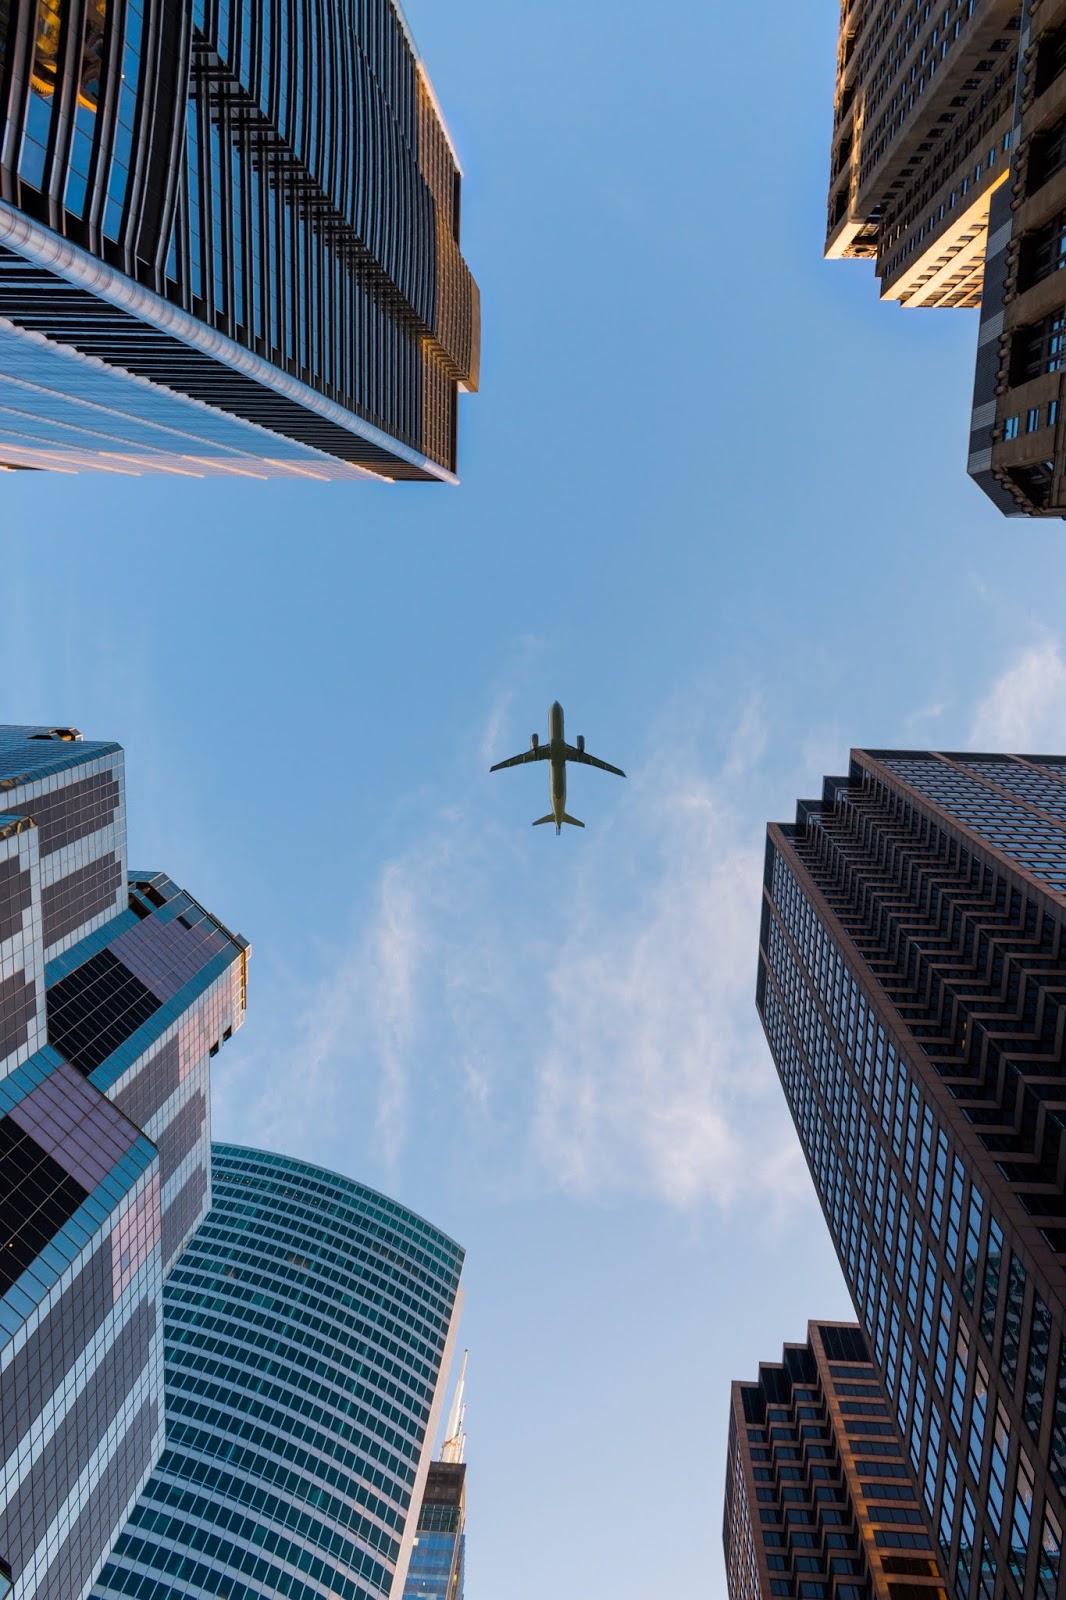 Plazalar Arasından Geçen Uçak